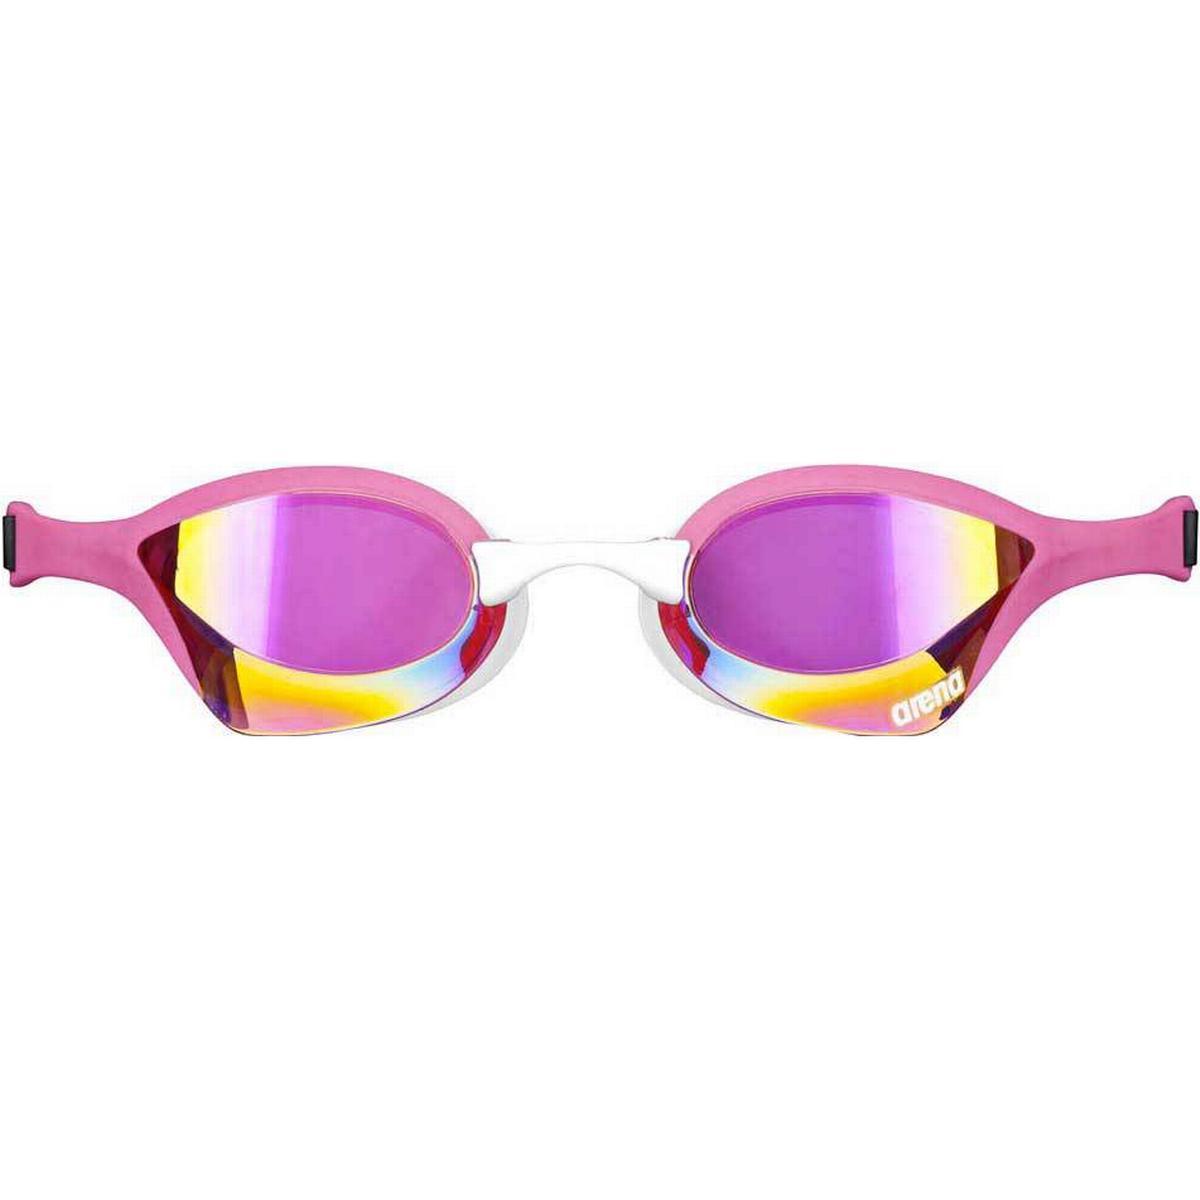 0afee78f5 Arena Svømmebriller - Sammenlign priser hos PriceRunner